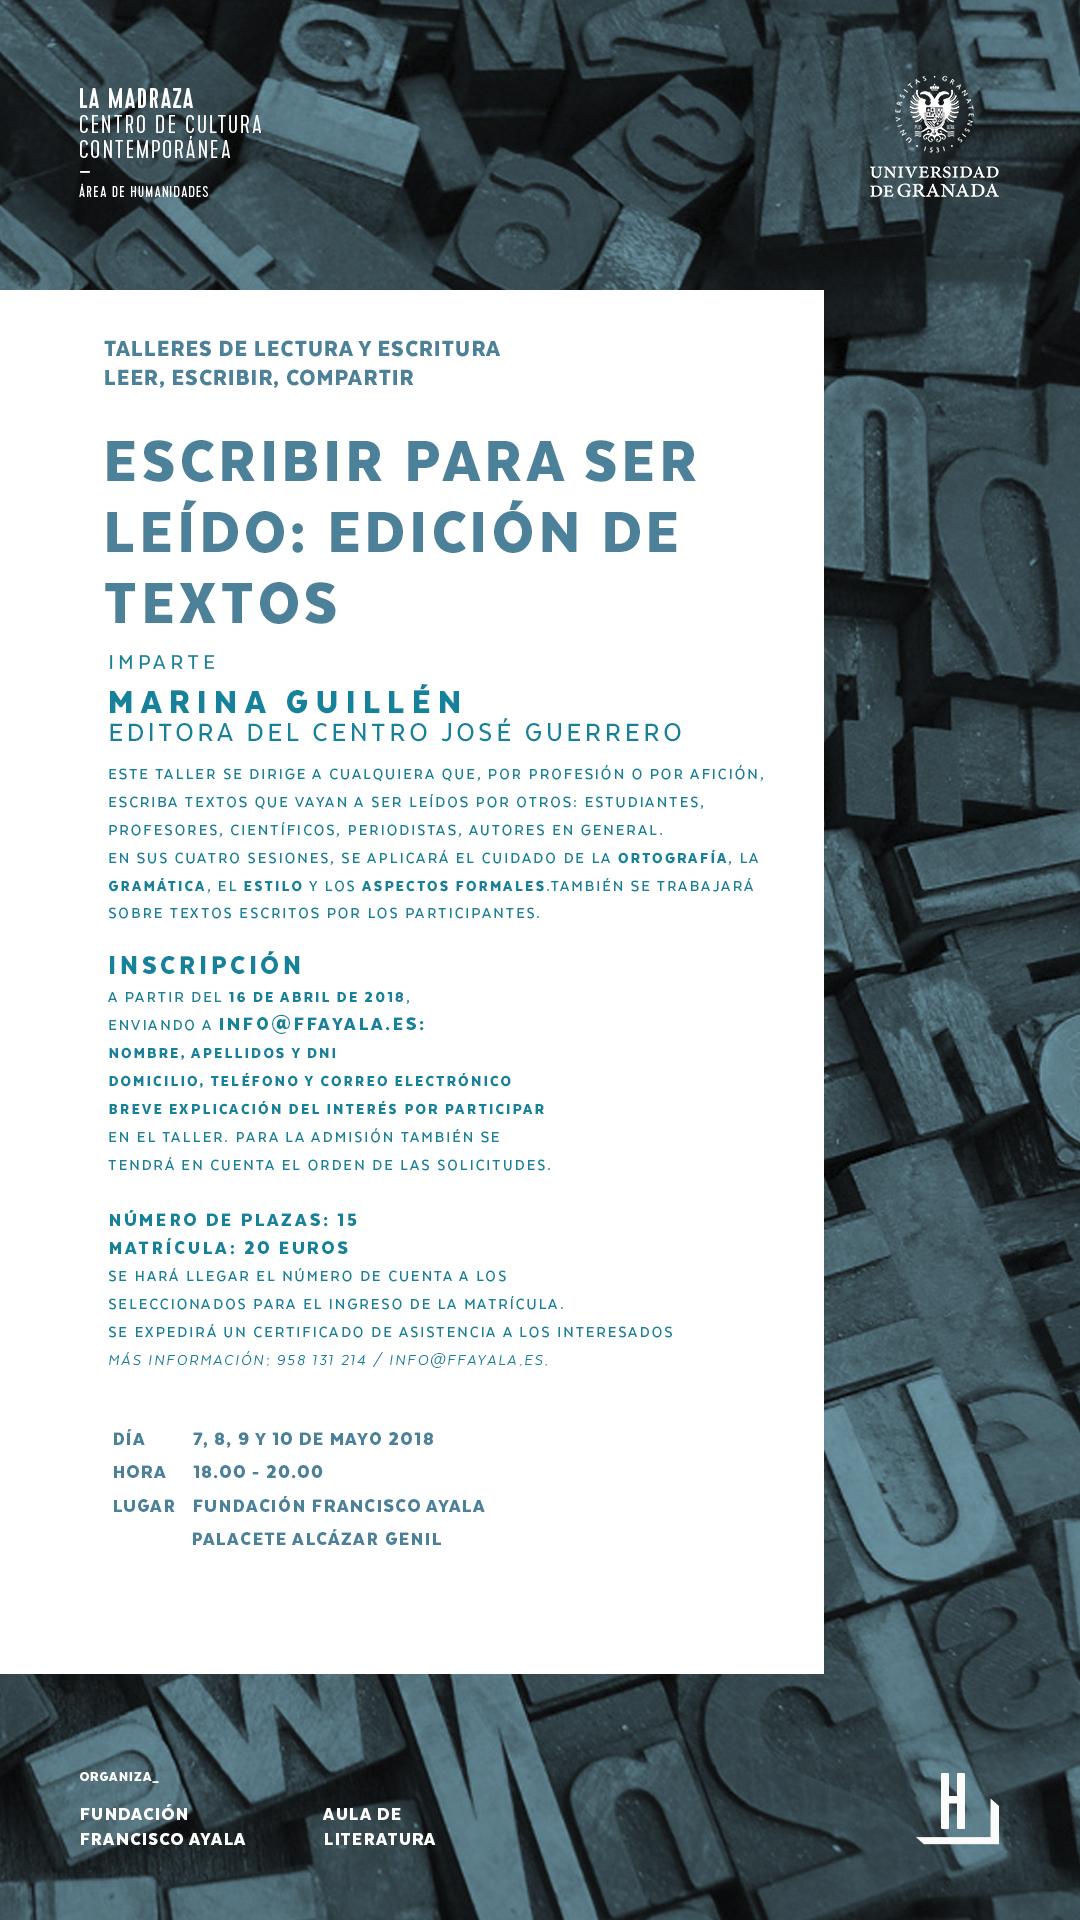 Imagen de portada de Taller «Escribir para ser leído: edición de textos»